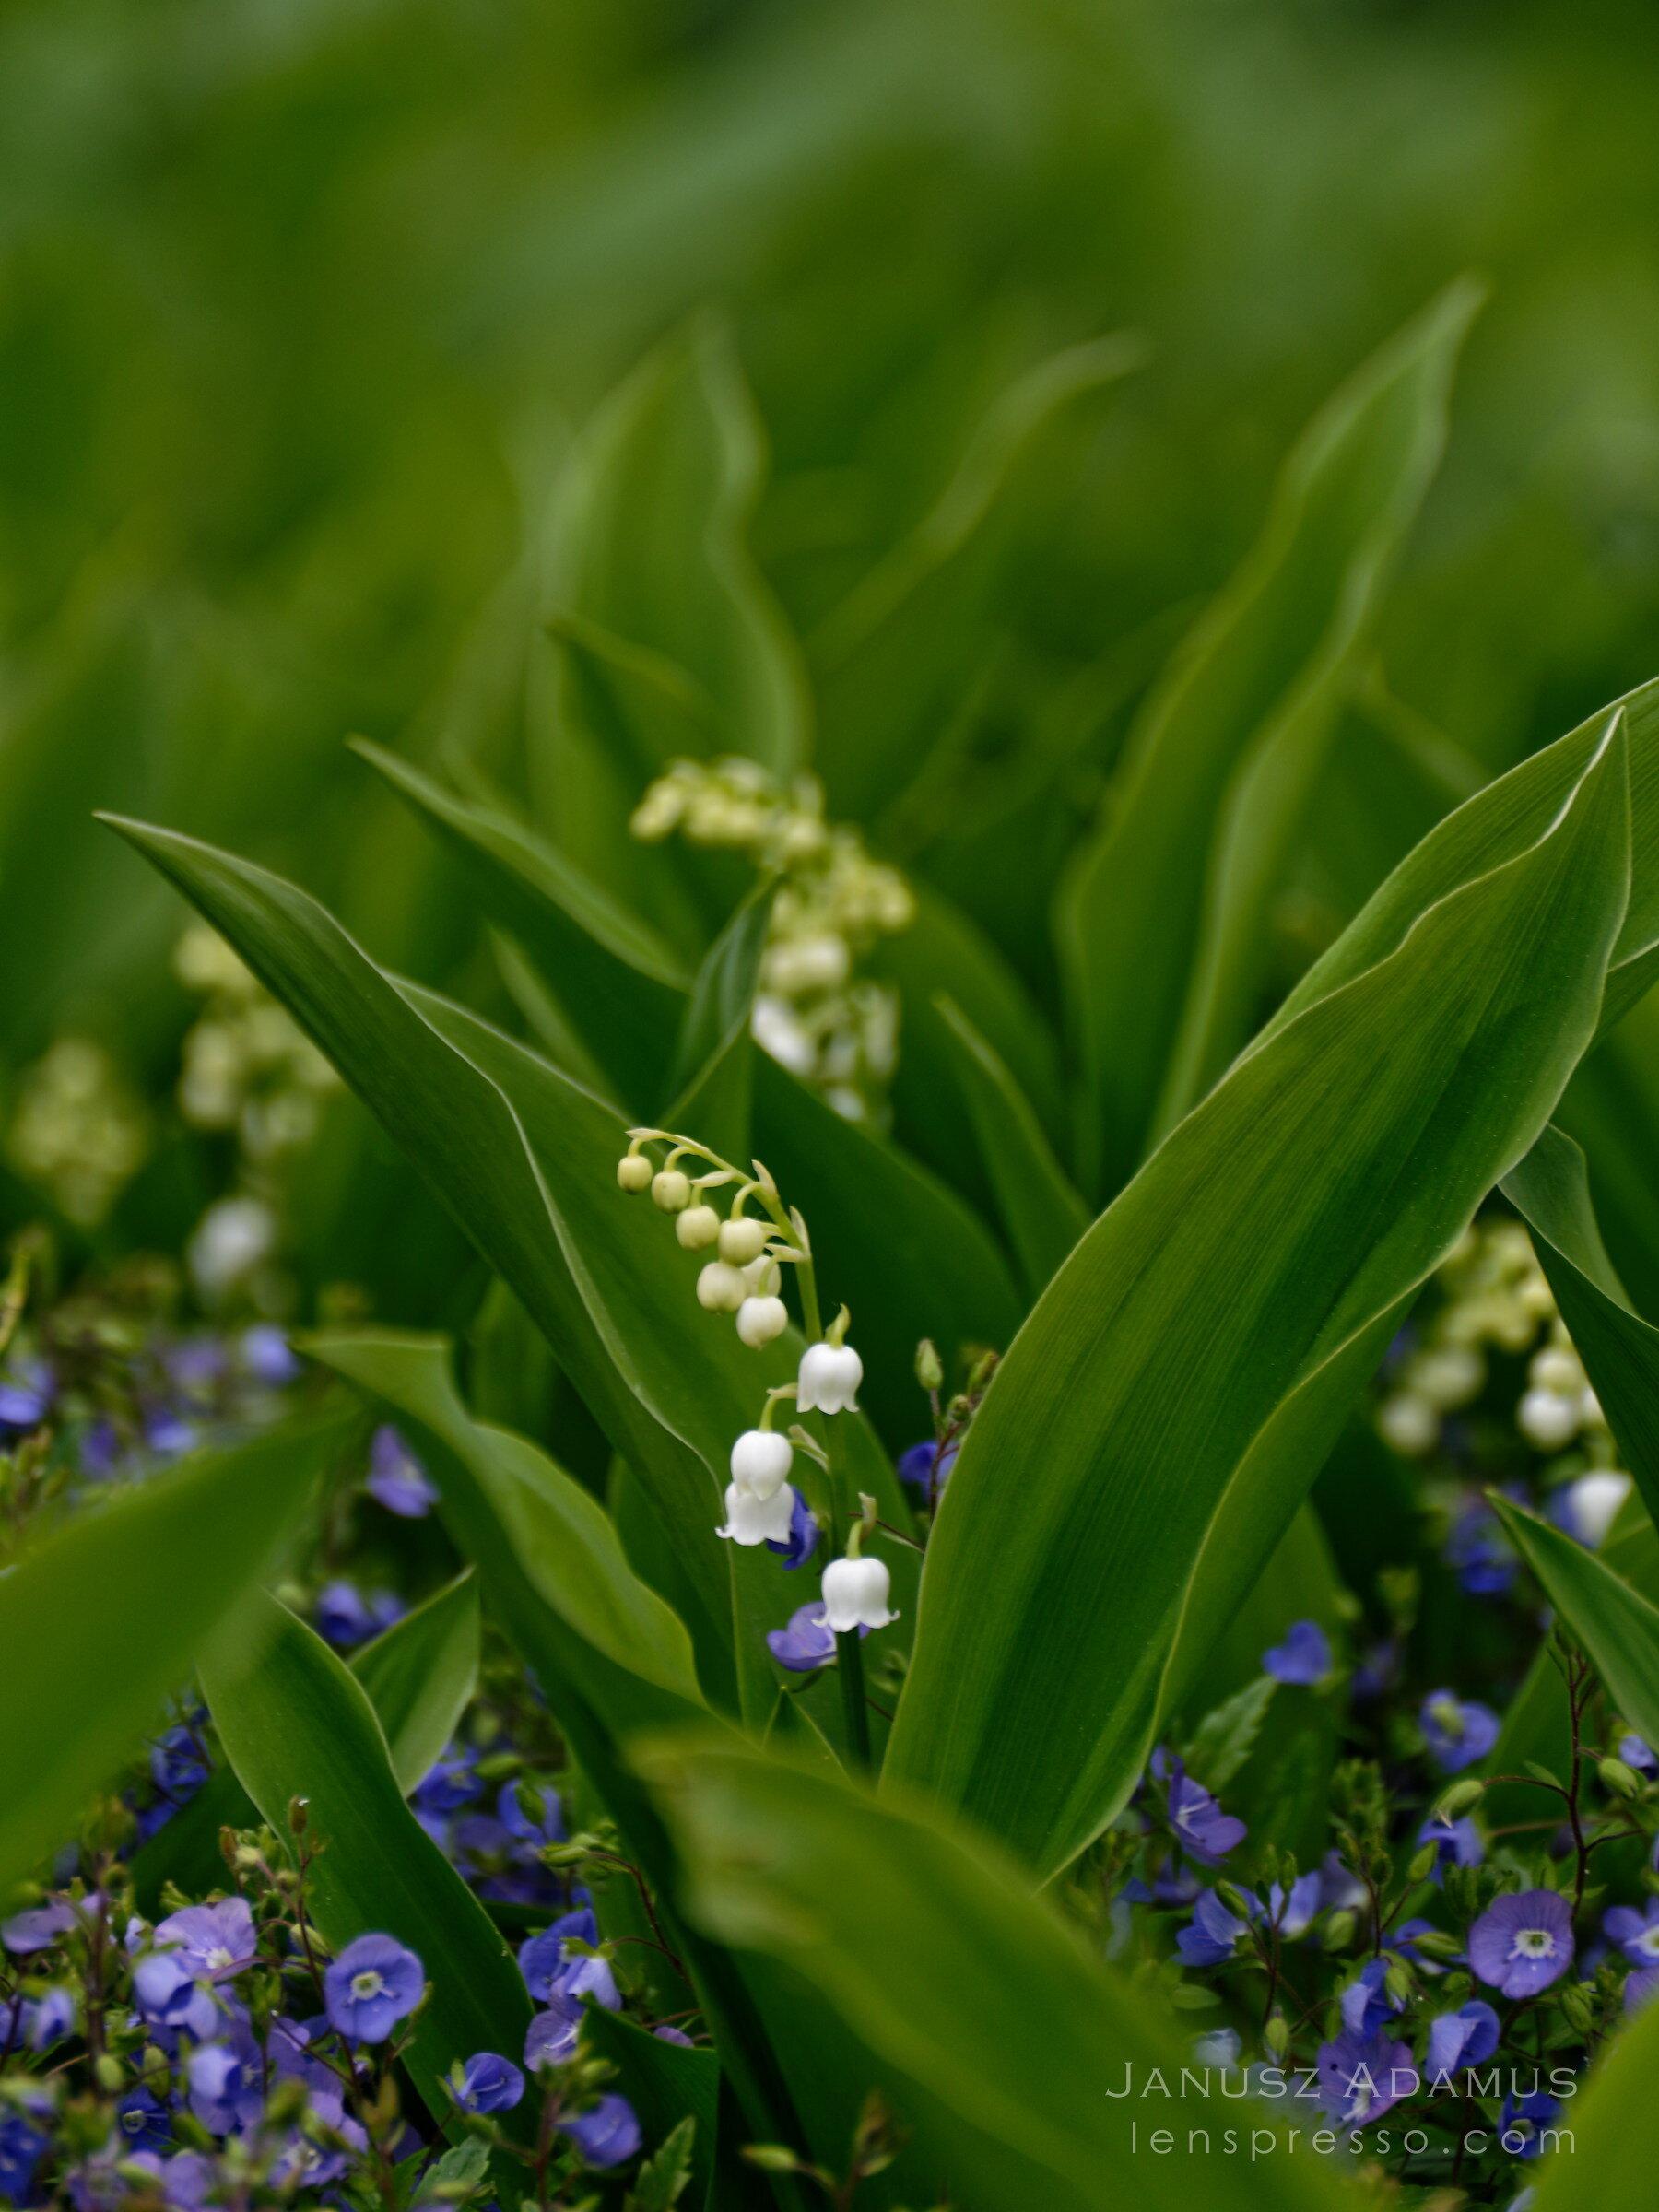 In a spring garden